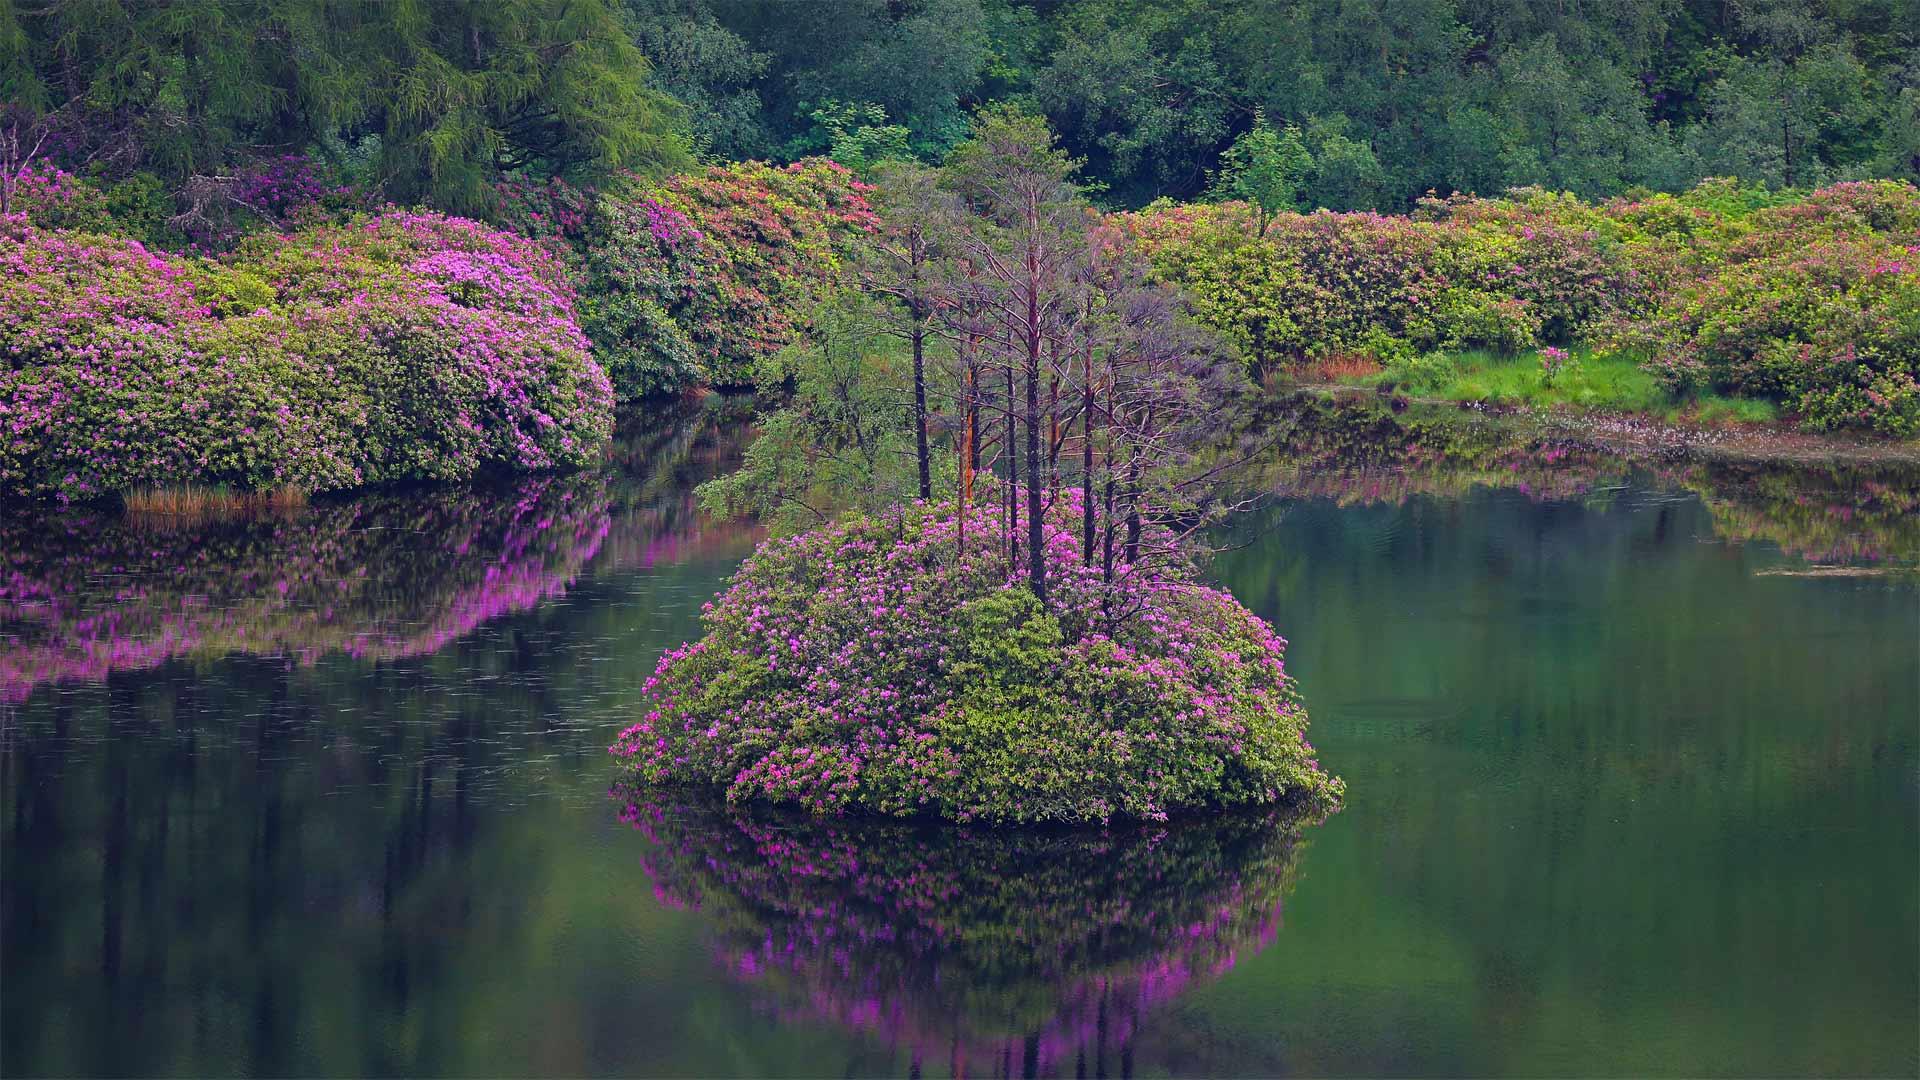 格伦·埃蒂夫盛开着石南花的小湖,苏格兰